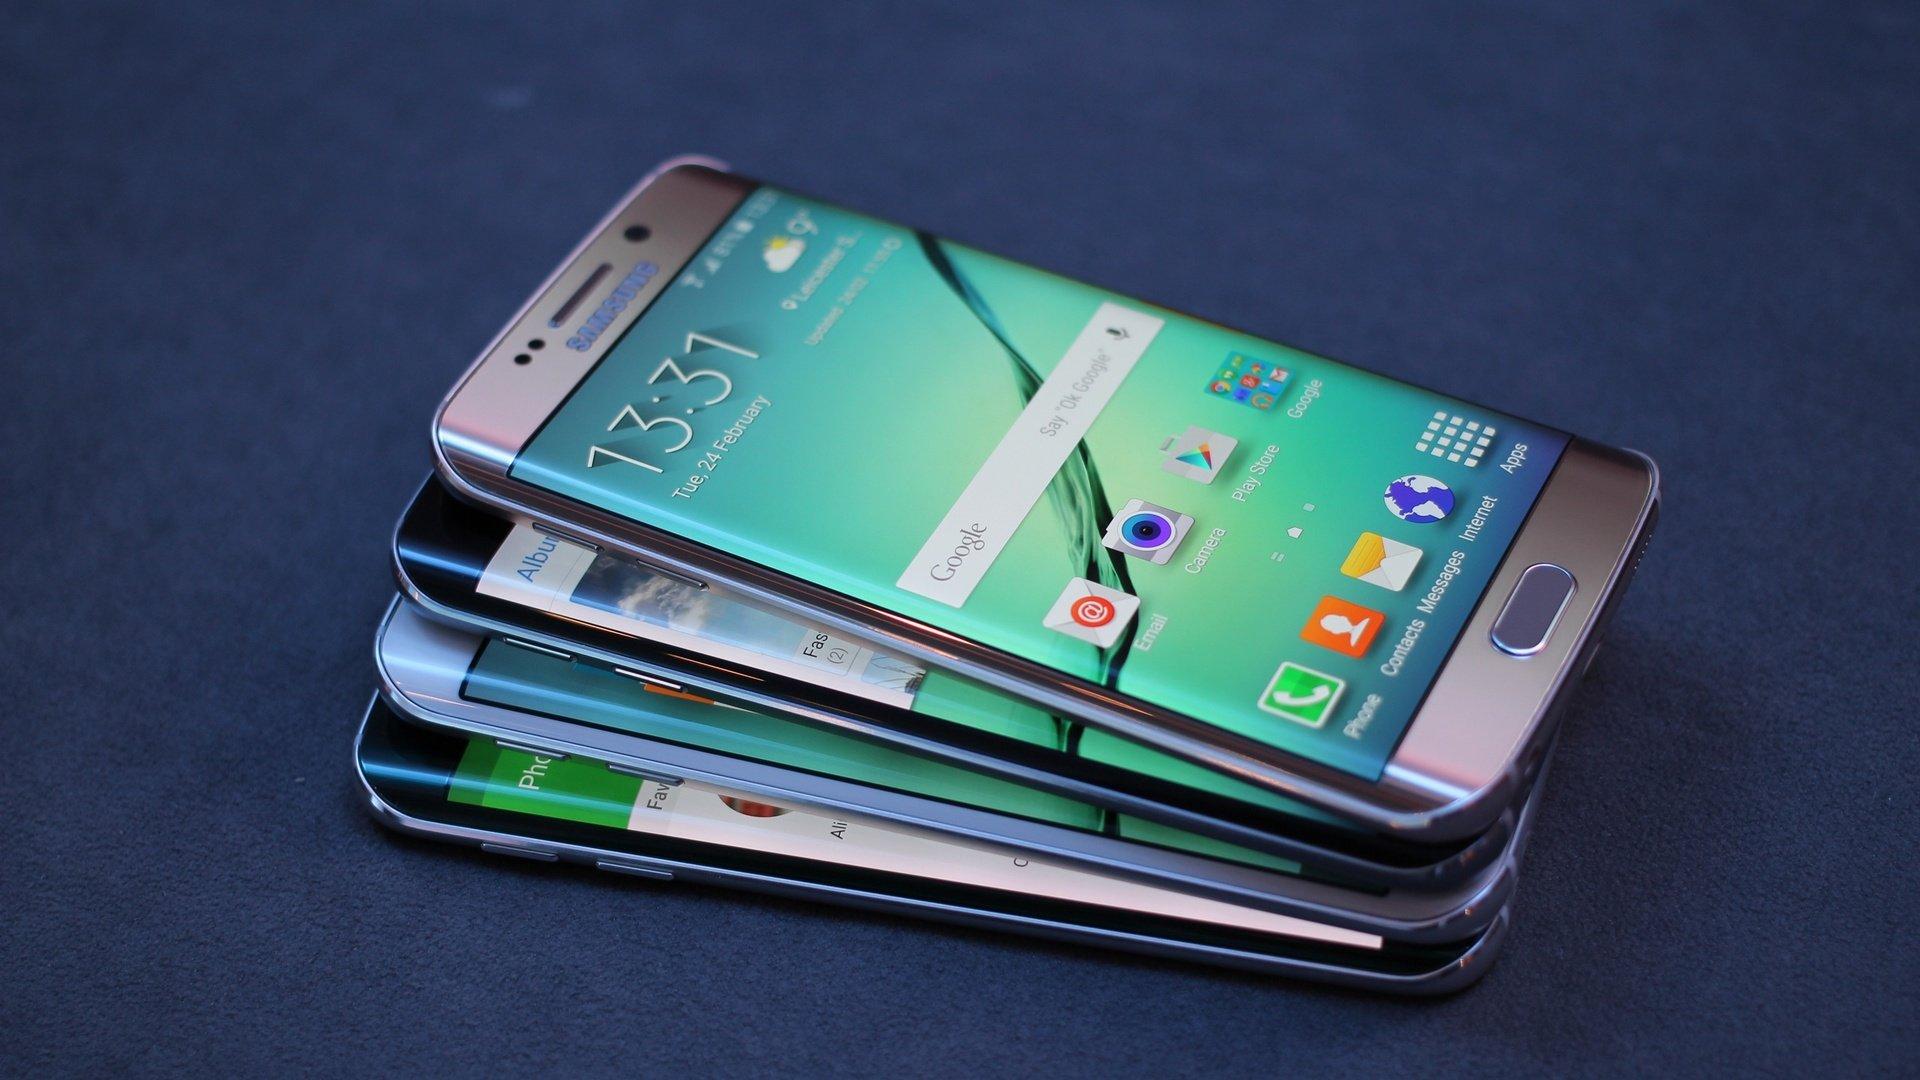 Анонсированы смартфоны Samsung Galaxy S9 и S9+